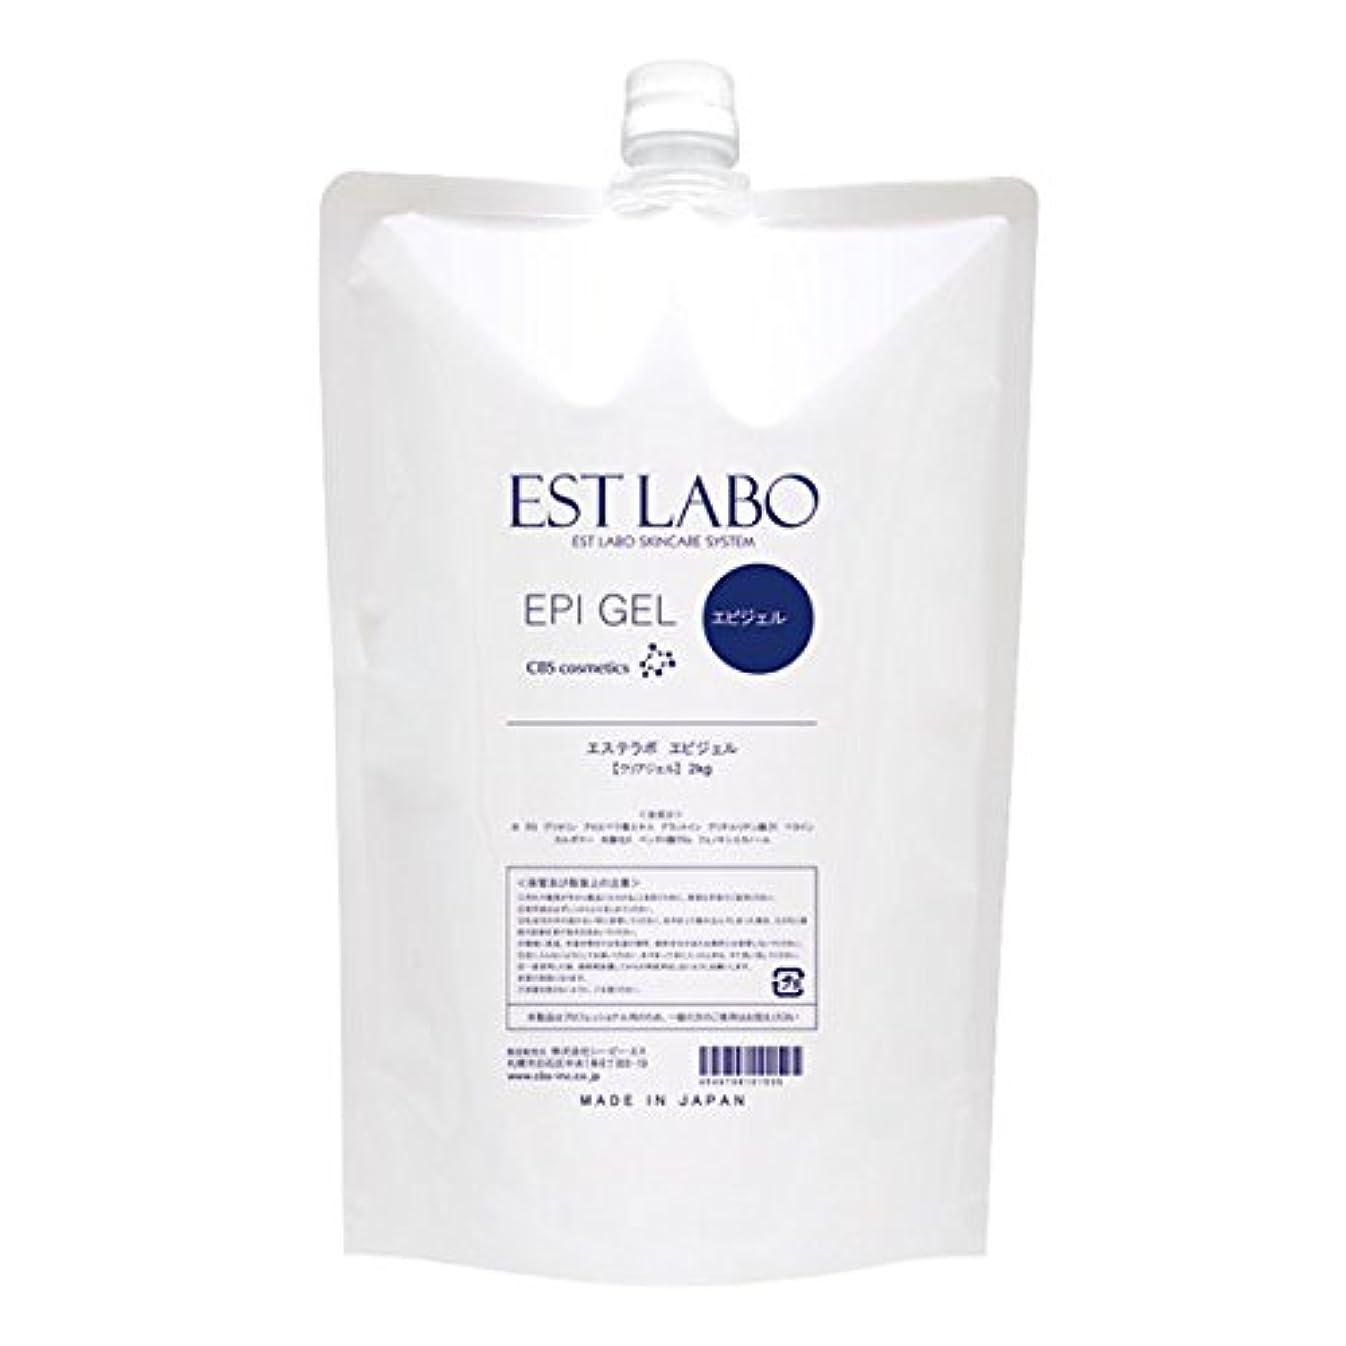 見る人召集する典型的な脱毛 EST LABO エピジェル(1袋?2kg)×2 合計2袋?4kg 業務用